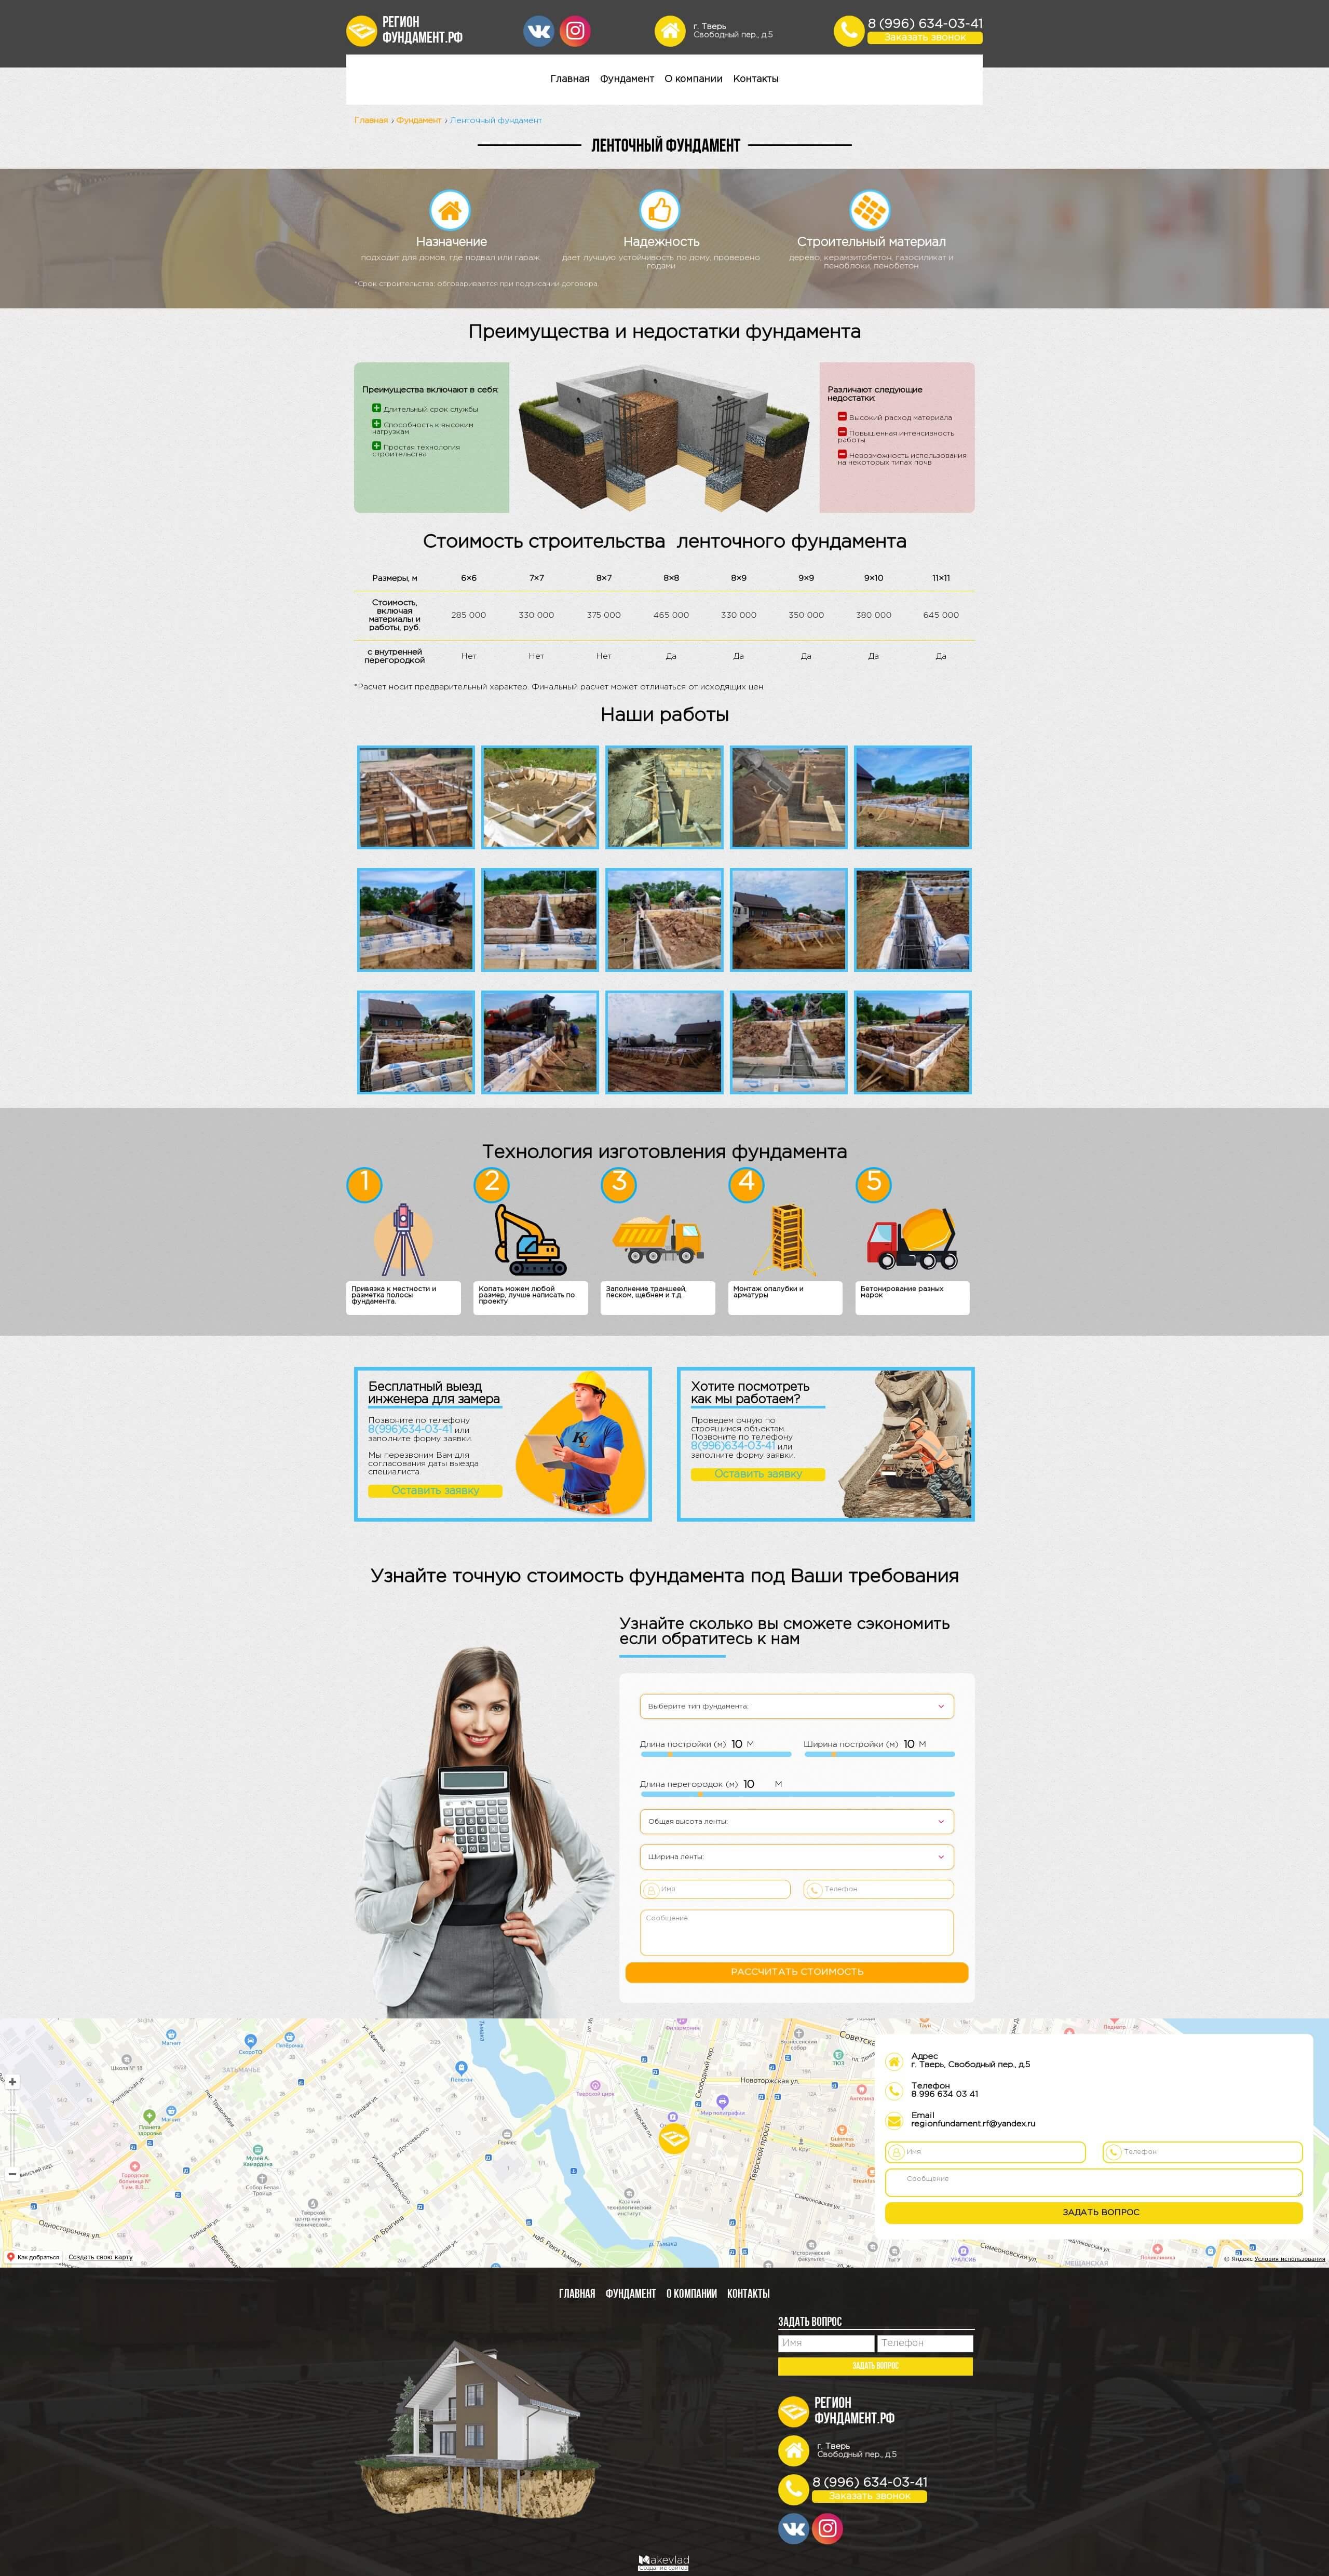 Скриншот №2 страницы сайта во весь экран. Бизнес сайт для РегионФундамент